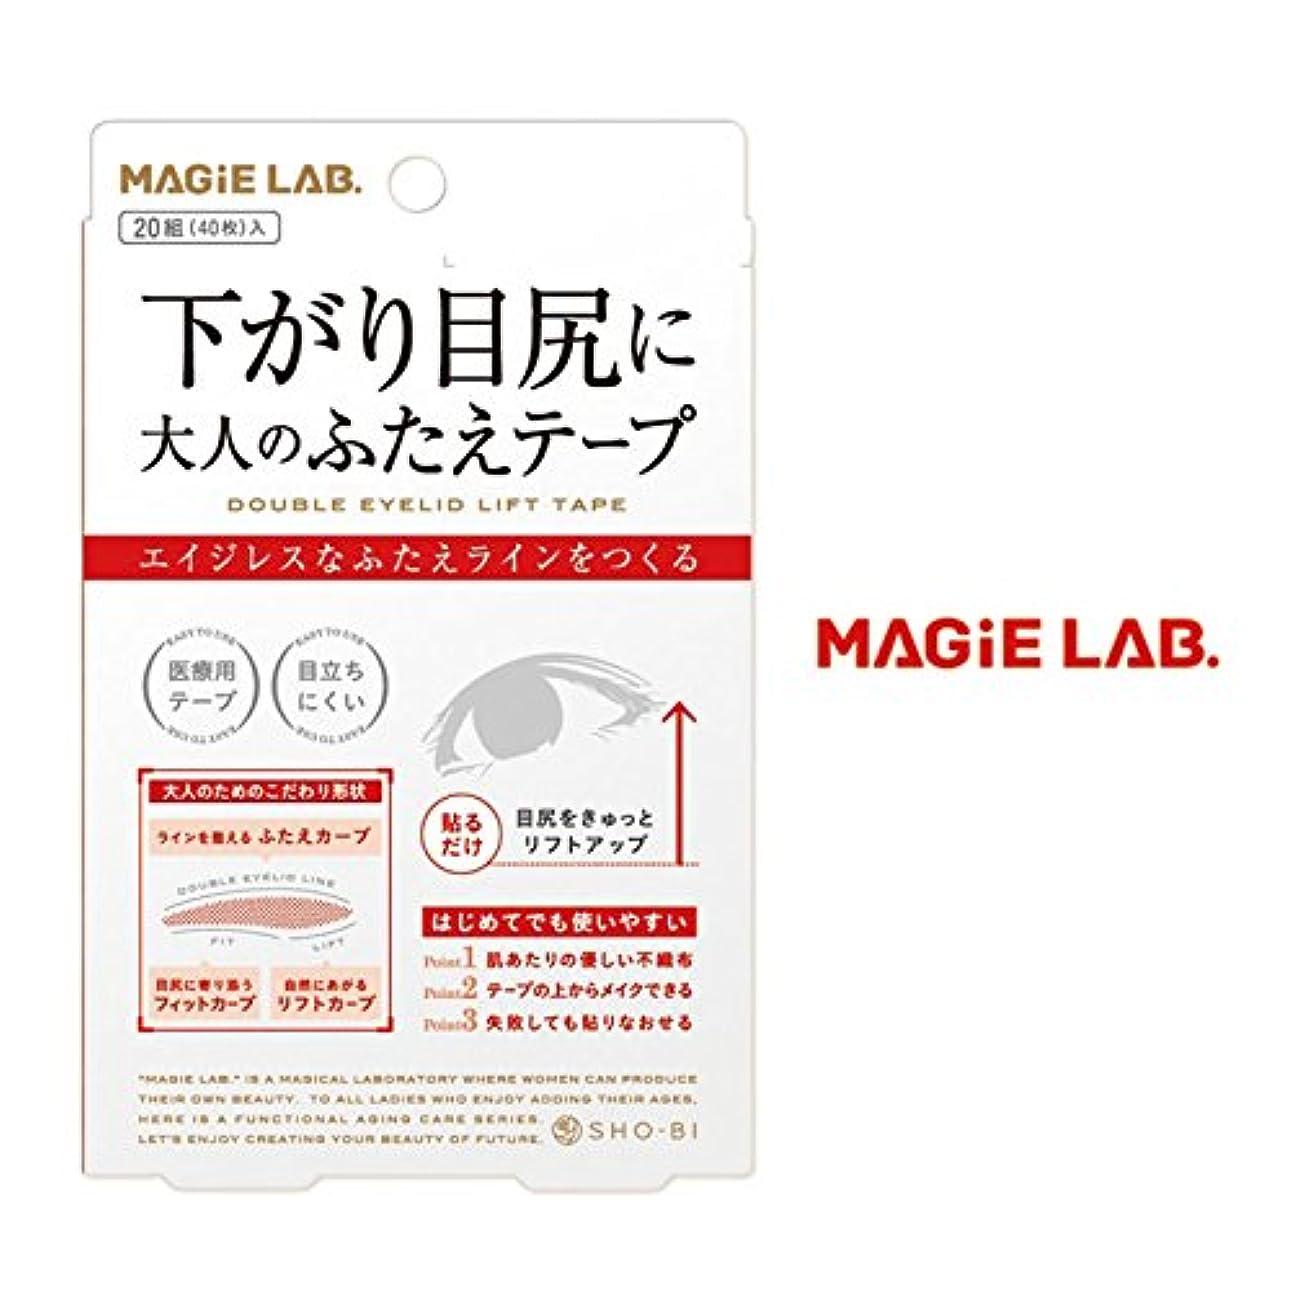 推定する背骨反逆MAGiE LAB.(マジラボ) 大人のふたえテープ 20組(40枚)入 MG22105